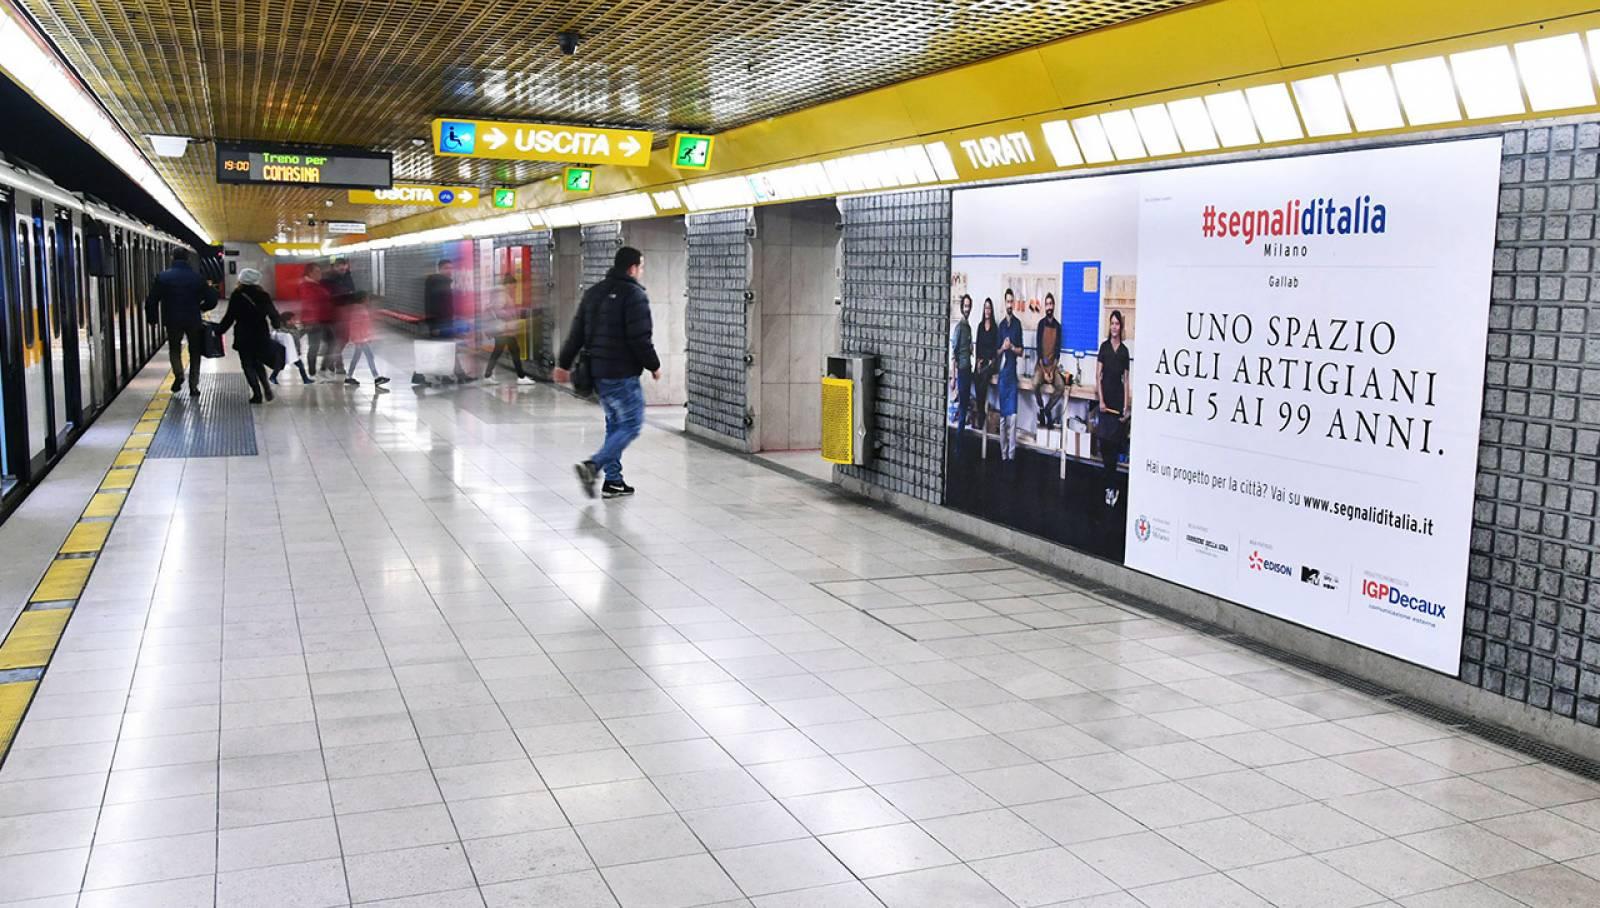 Pubblicità in metropolitana IGPDecaux Circuito Phygital per Segnali d'Italia a Milano